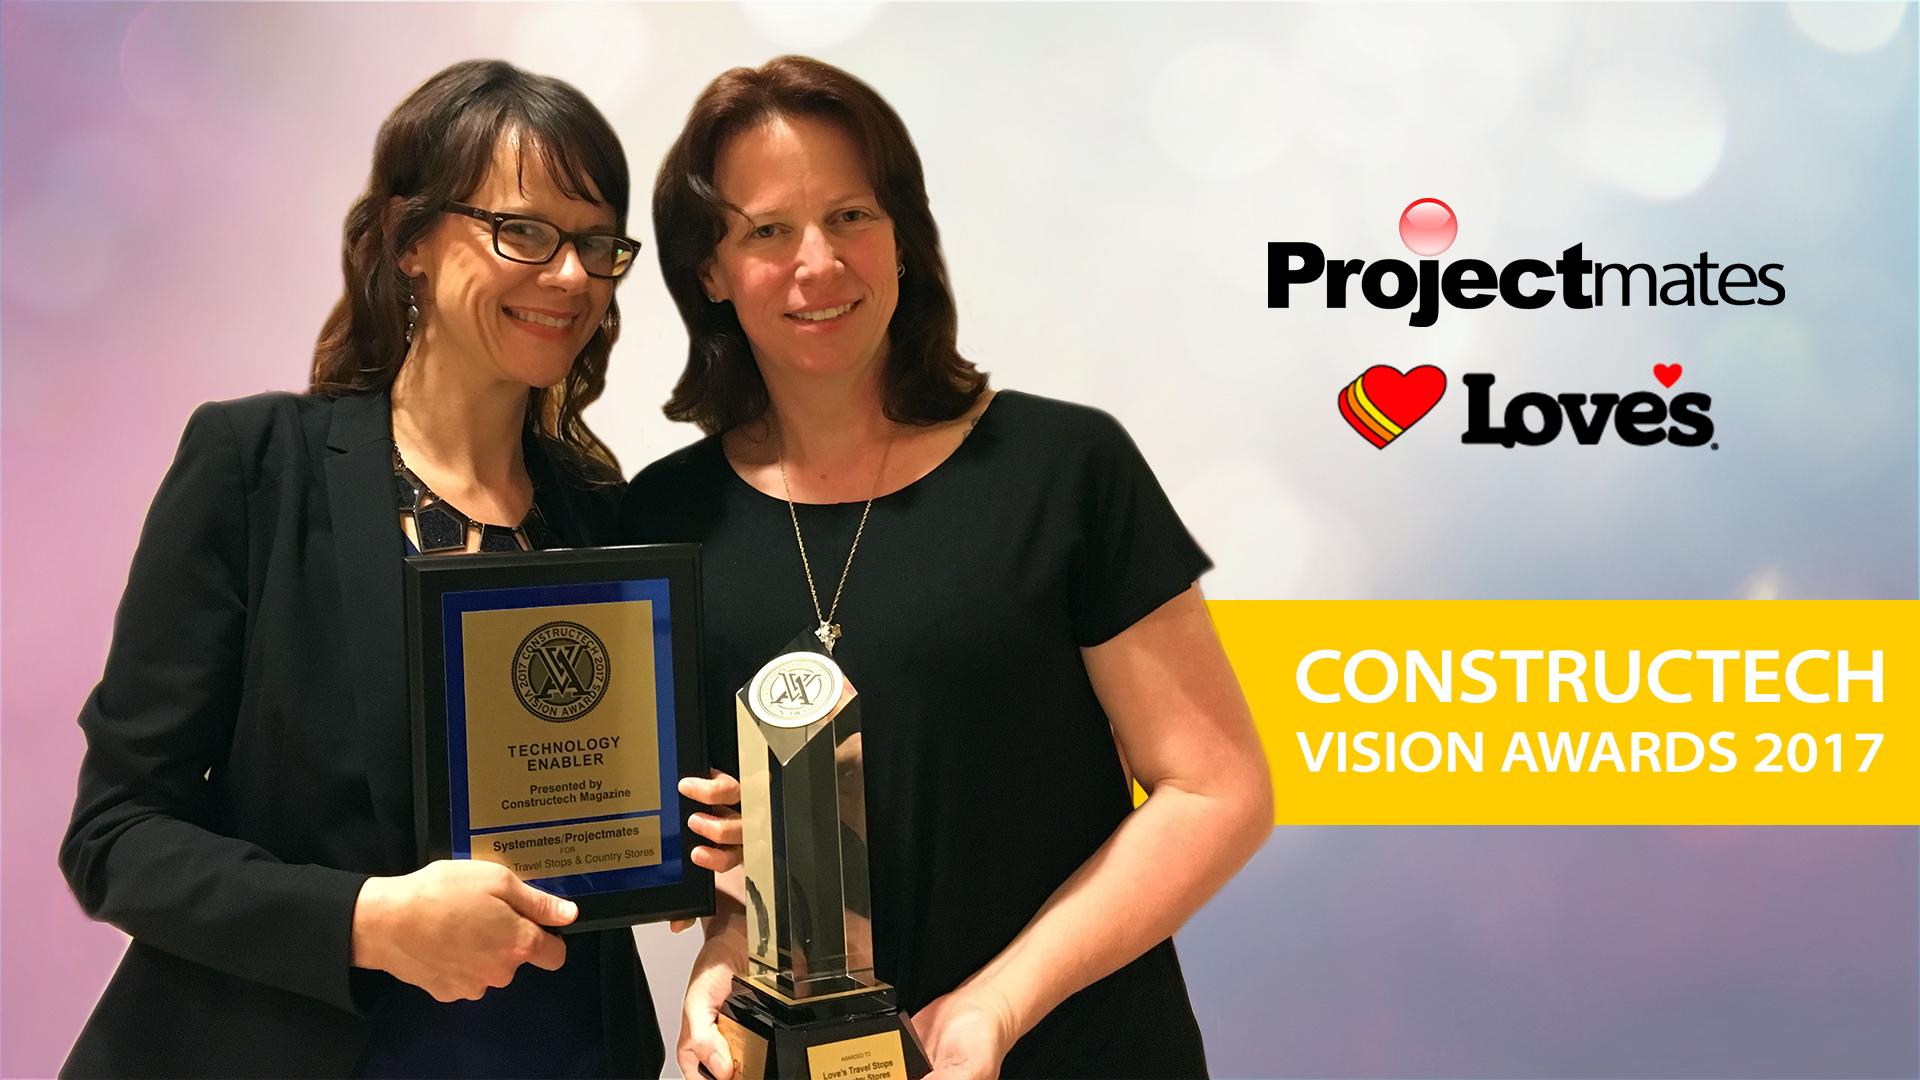 Projectmates Vision Award